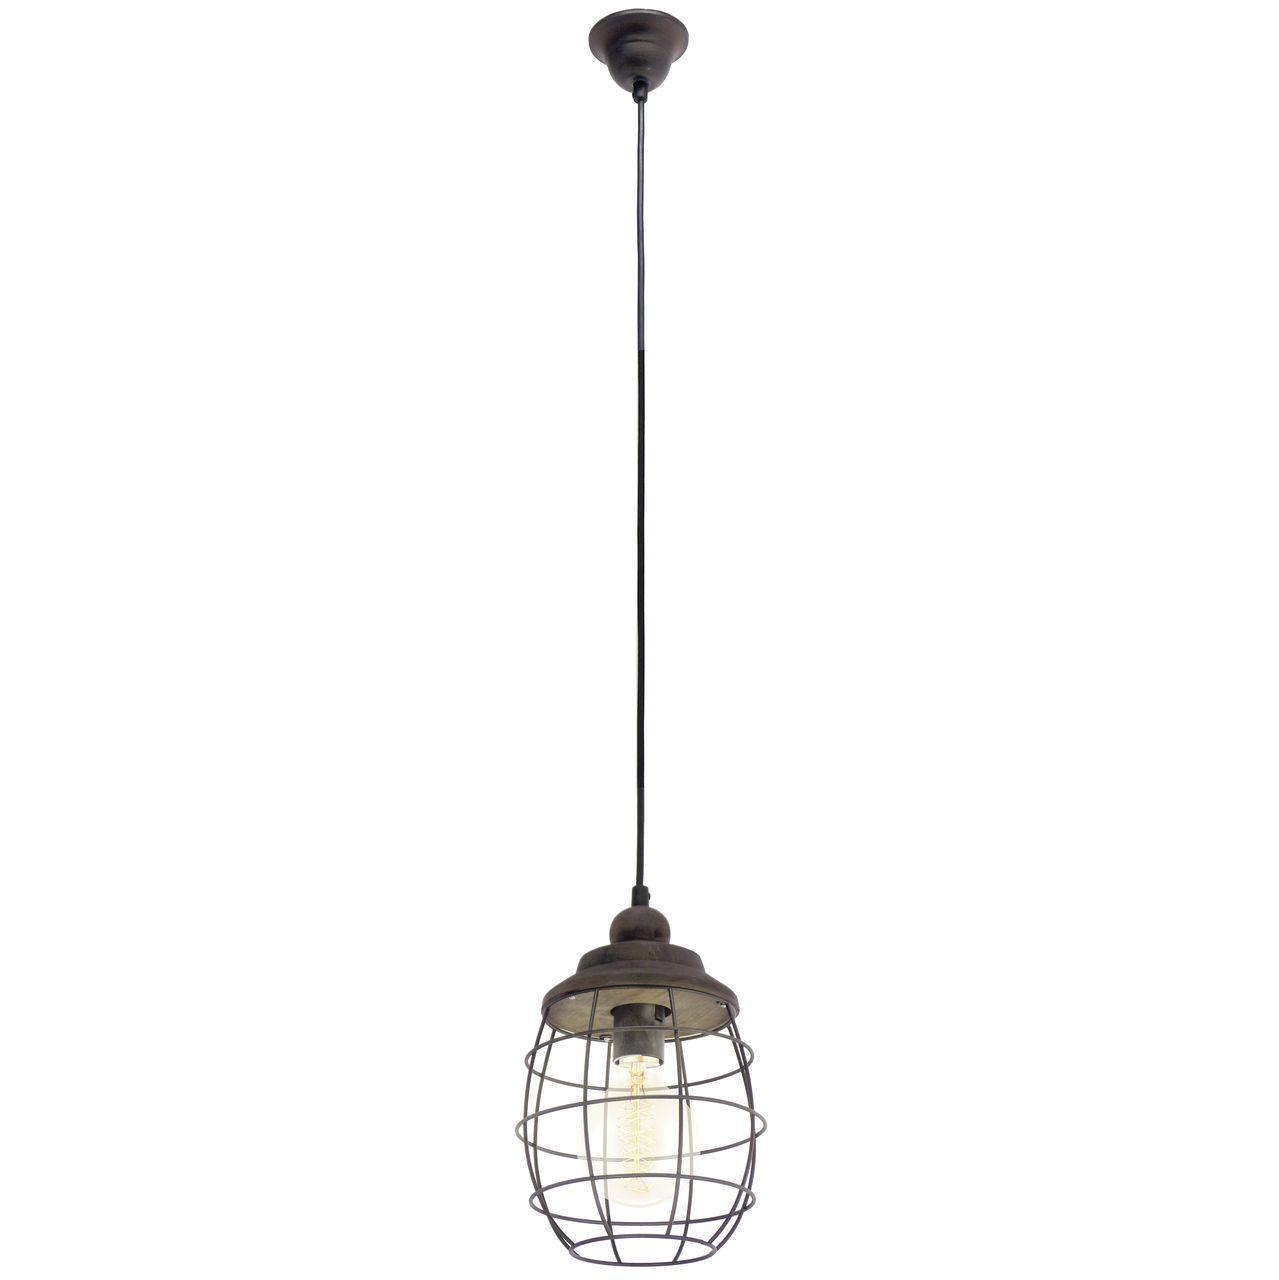 Подвесной светильник Eglo Vintage 49219 подвесной светильник eglo vintage 49219